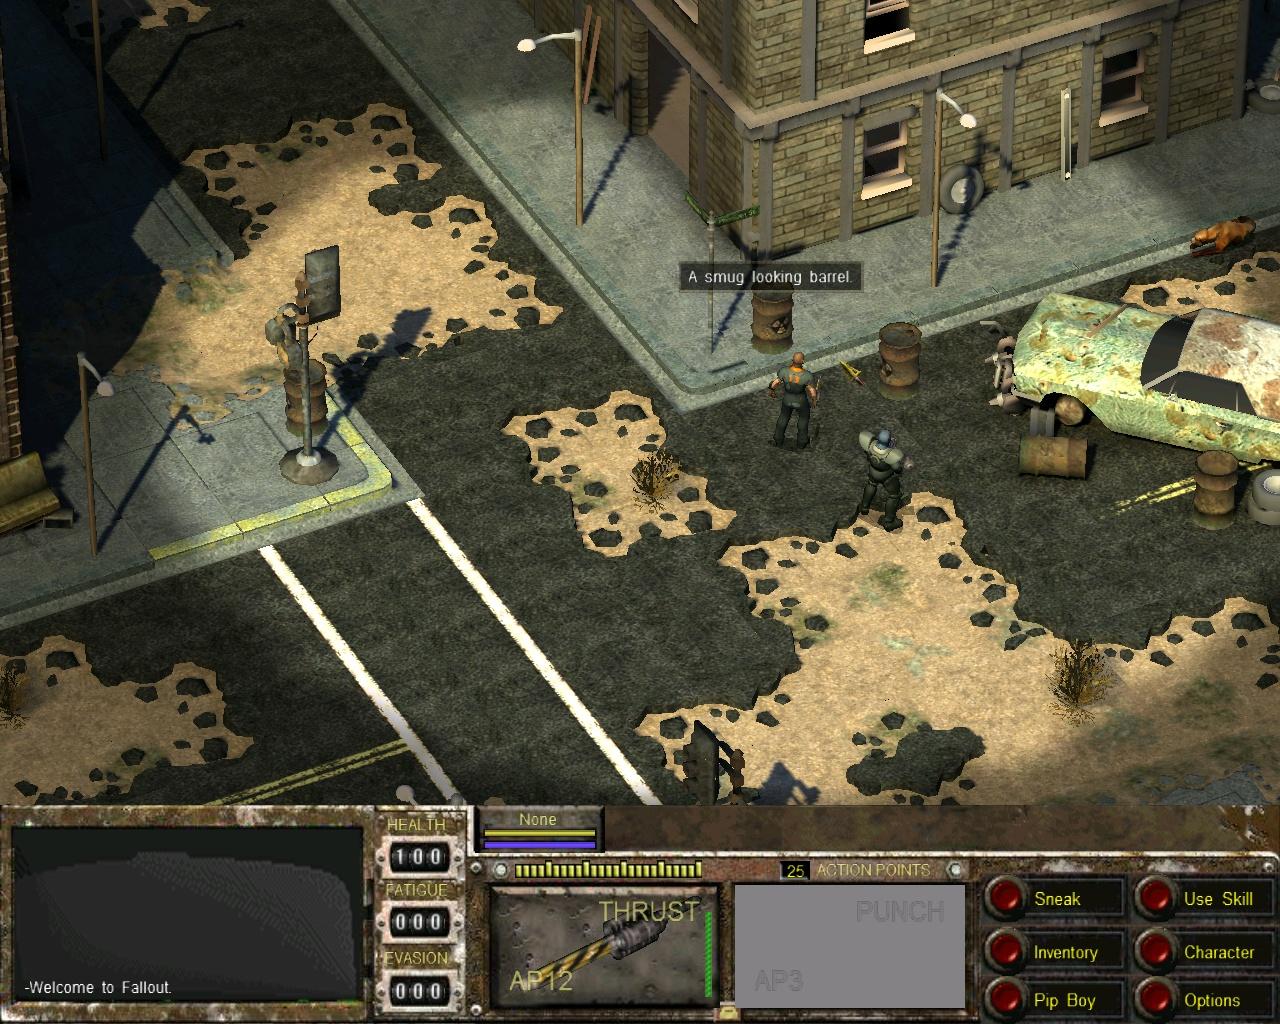 9 | Deathbring World: Rangers - [постапокалиптическая JRpg c пошаговыми боями и коллекционированием монстров] а ля Fallout + Pokemon Blue.